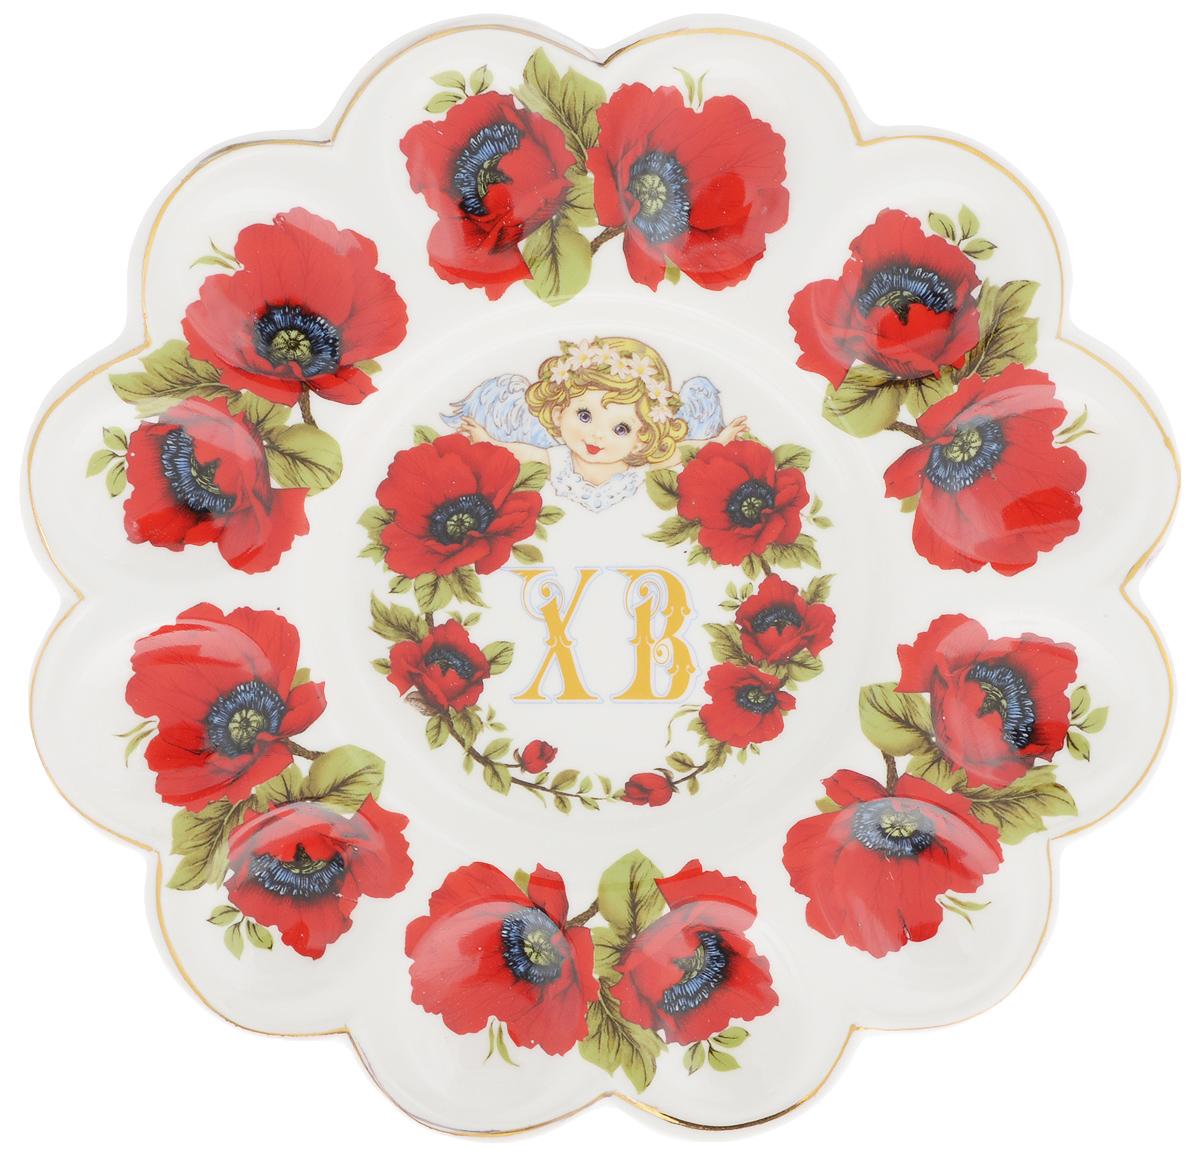 Тарелка для фаршированных яиц Elan Gallery ХВ. Маки, диаметр 24 см